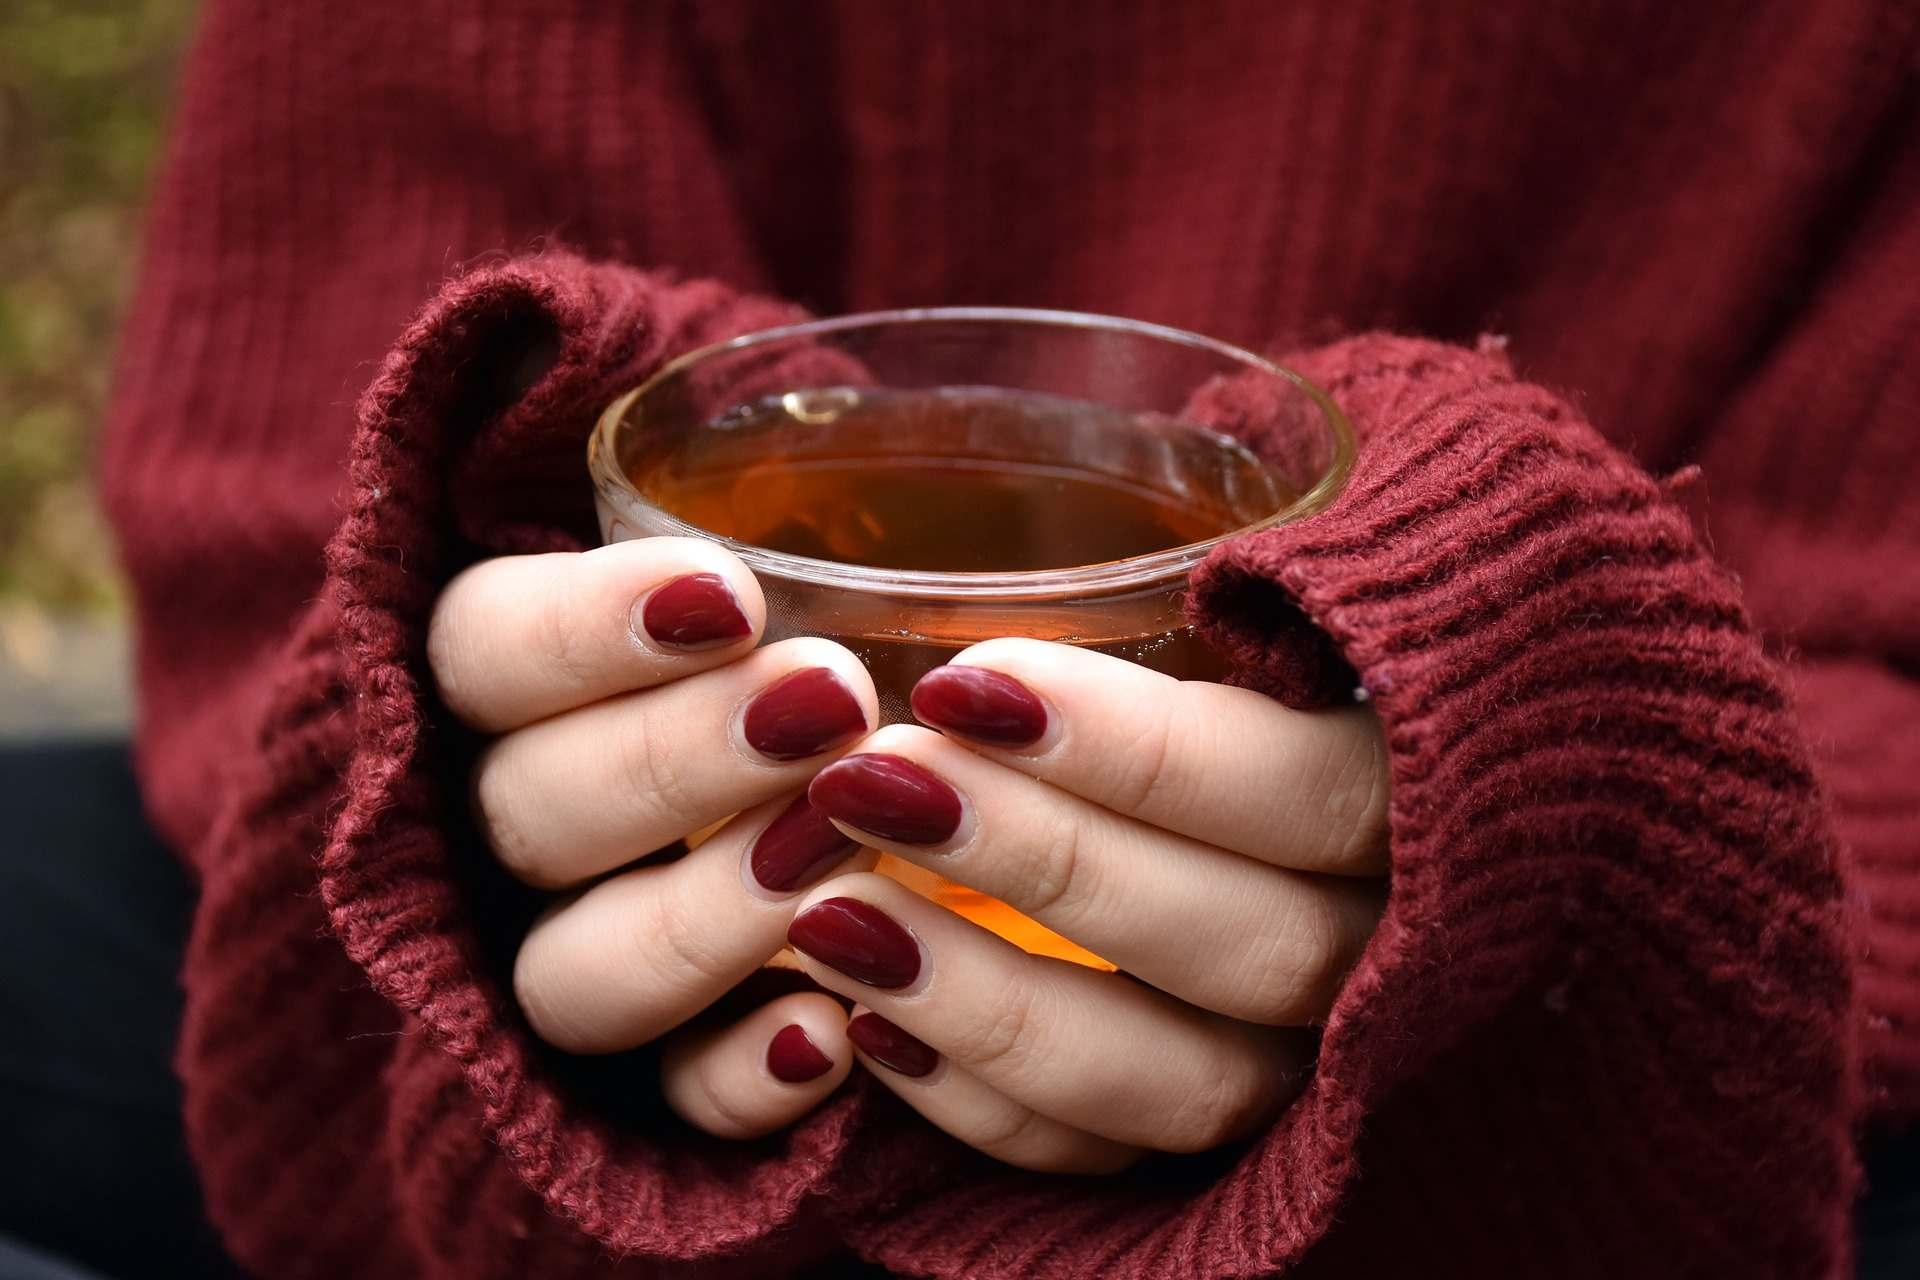 Топ-5 согревающих напитков, которые спасут, пока нет отопления, и дует норд-ост